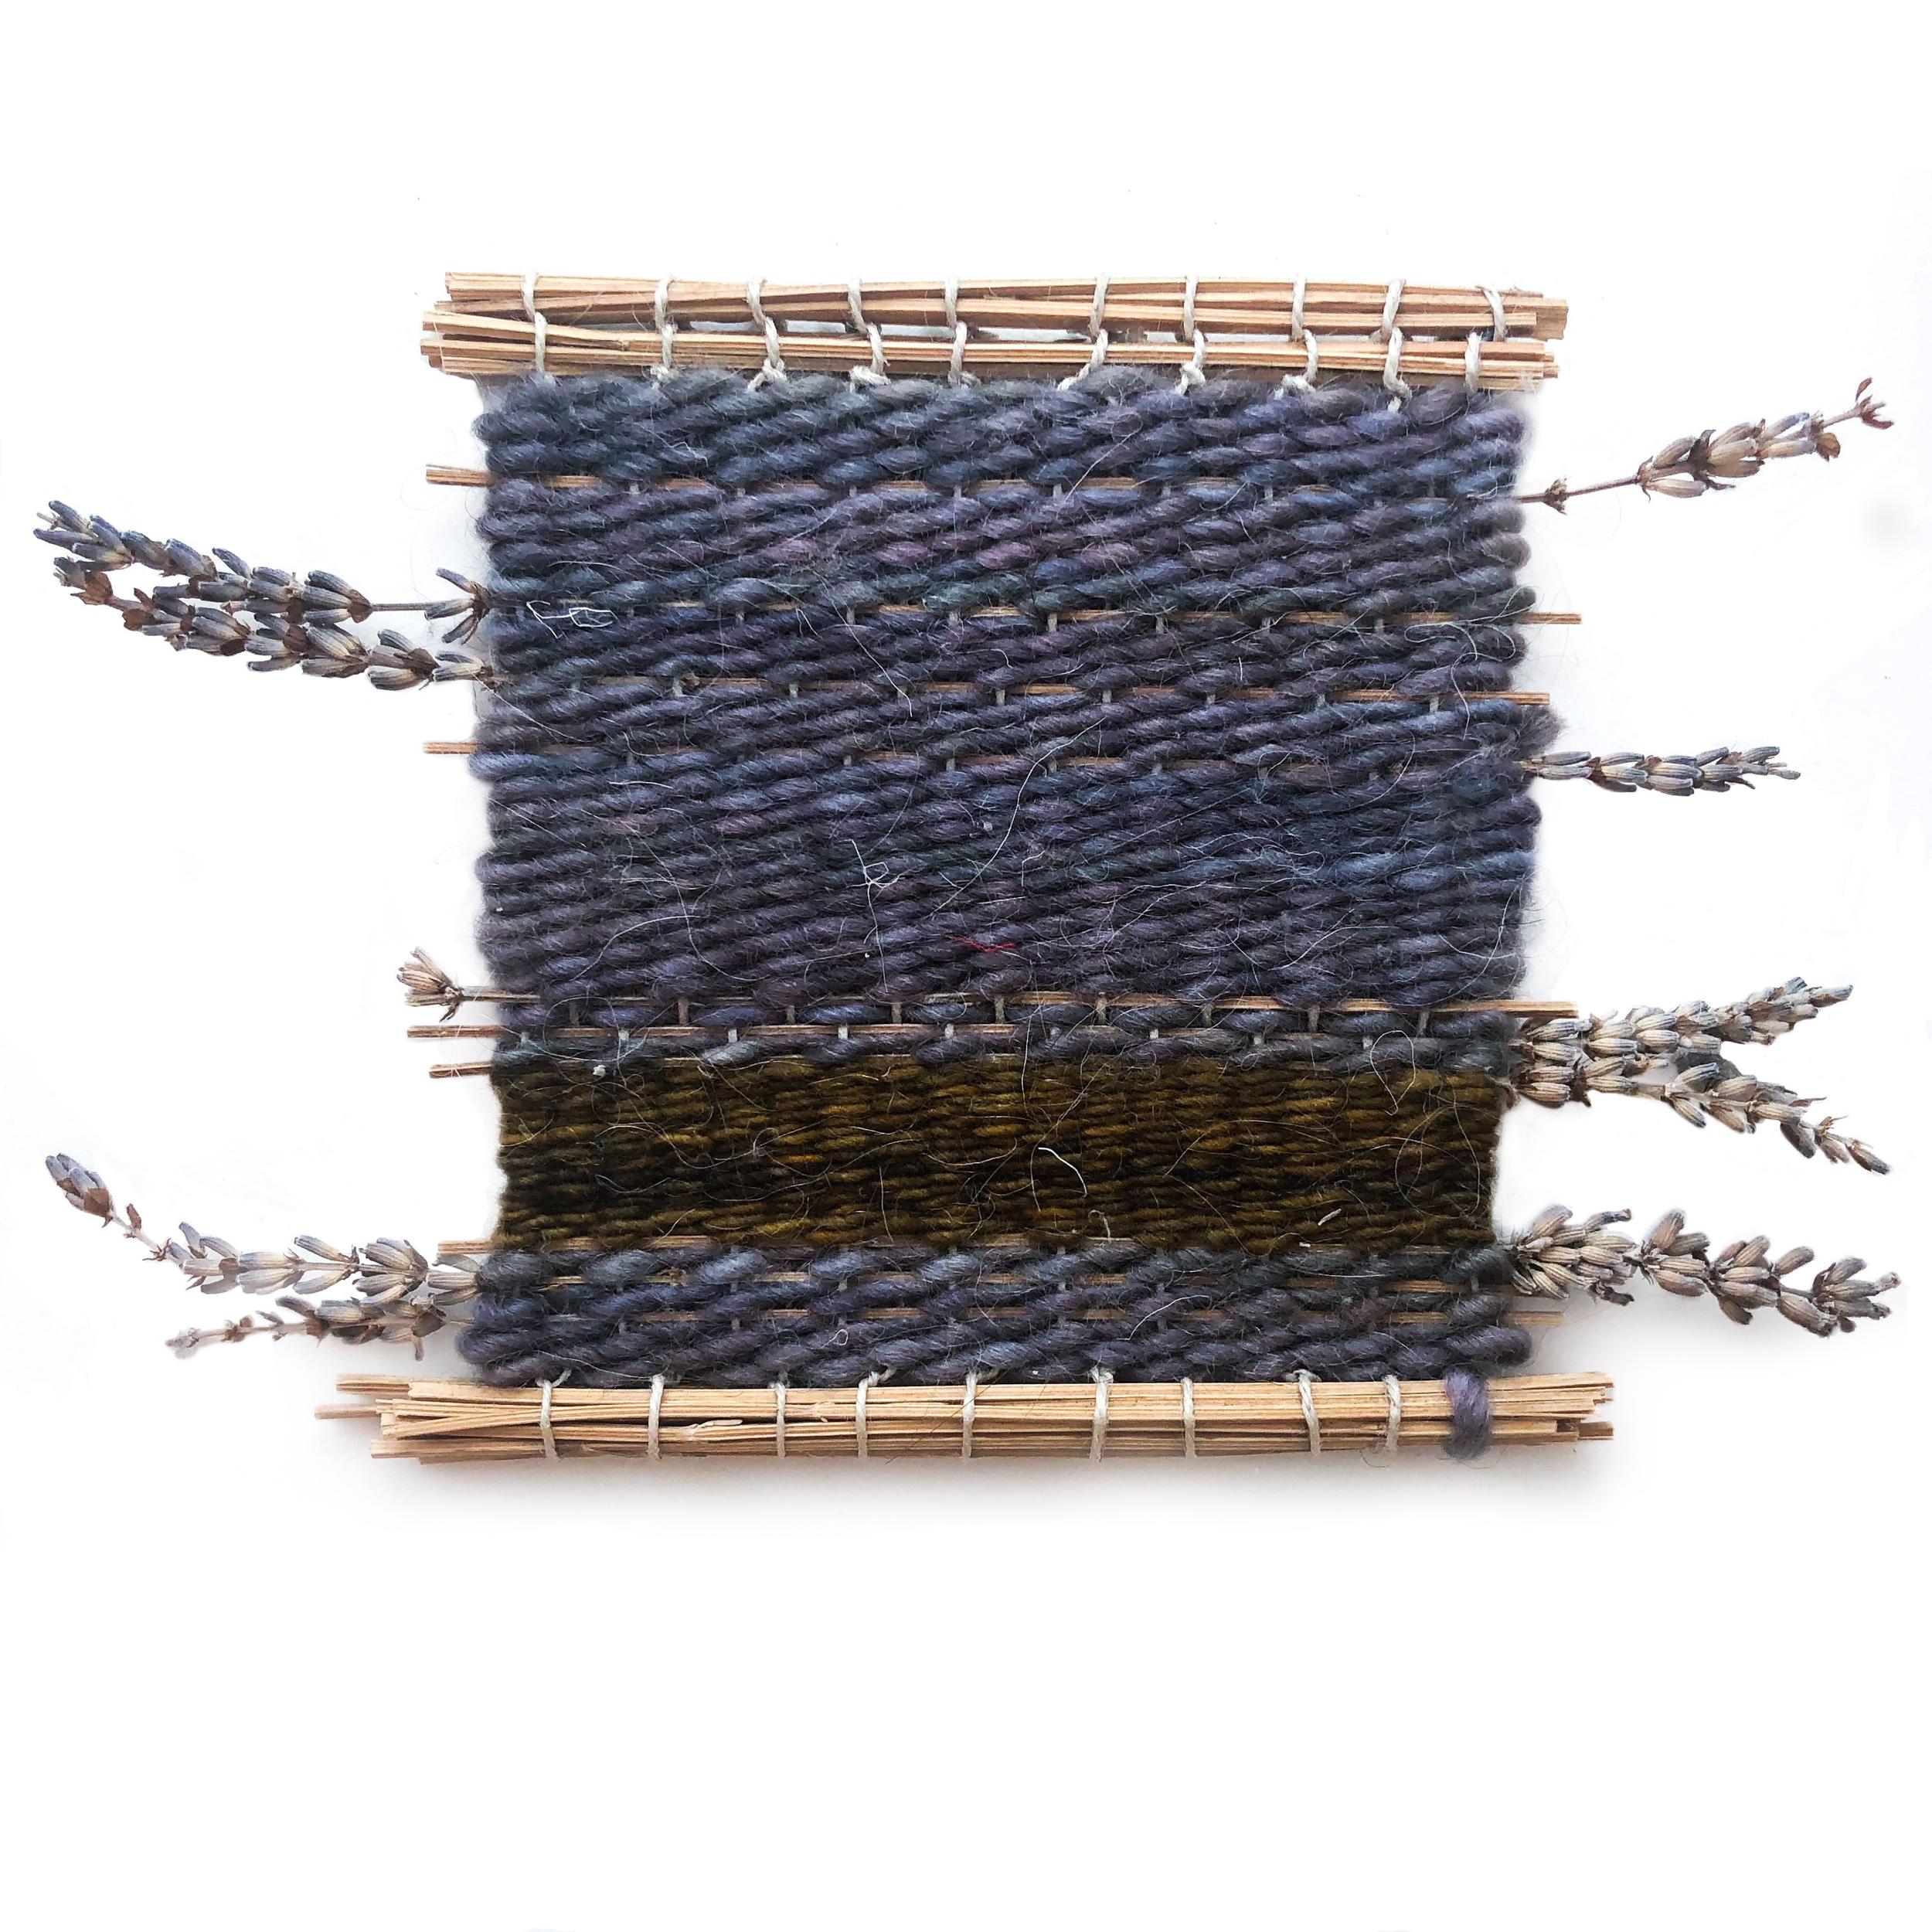 jordan_kushins_weaving1.png